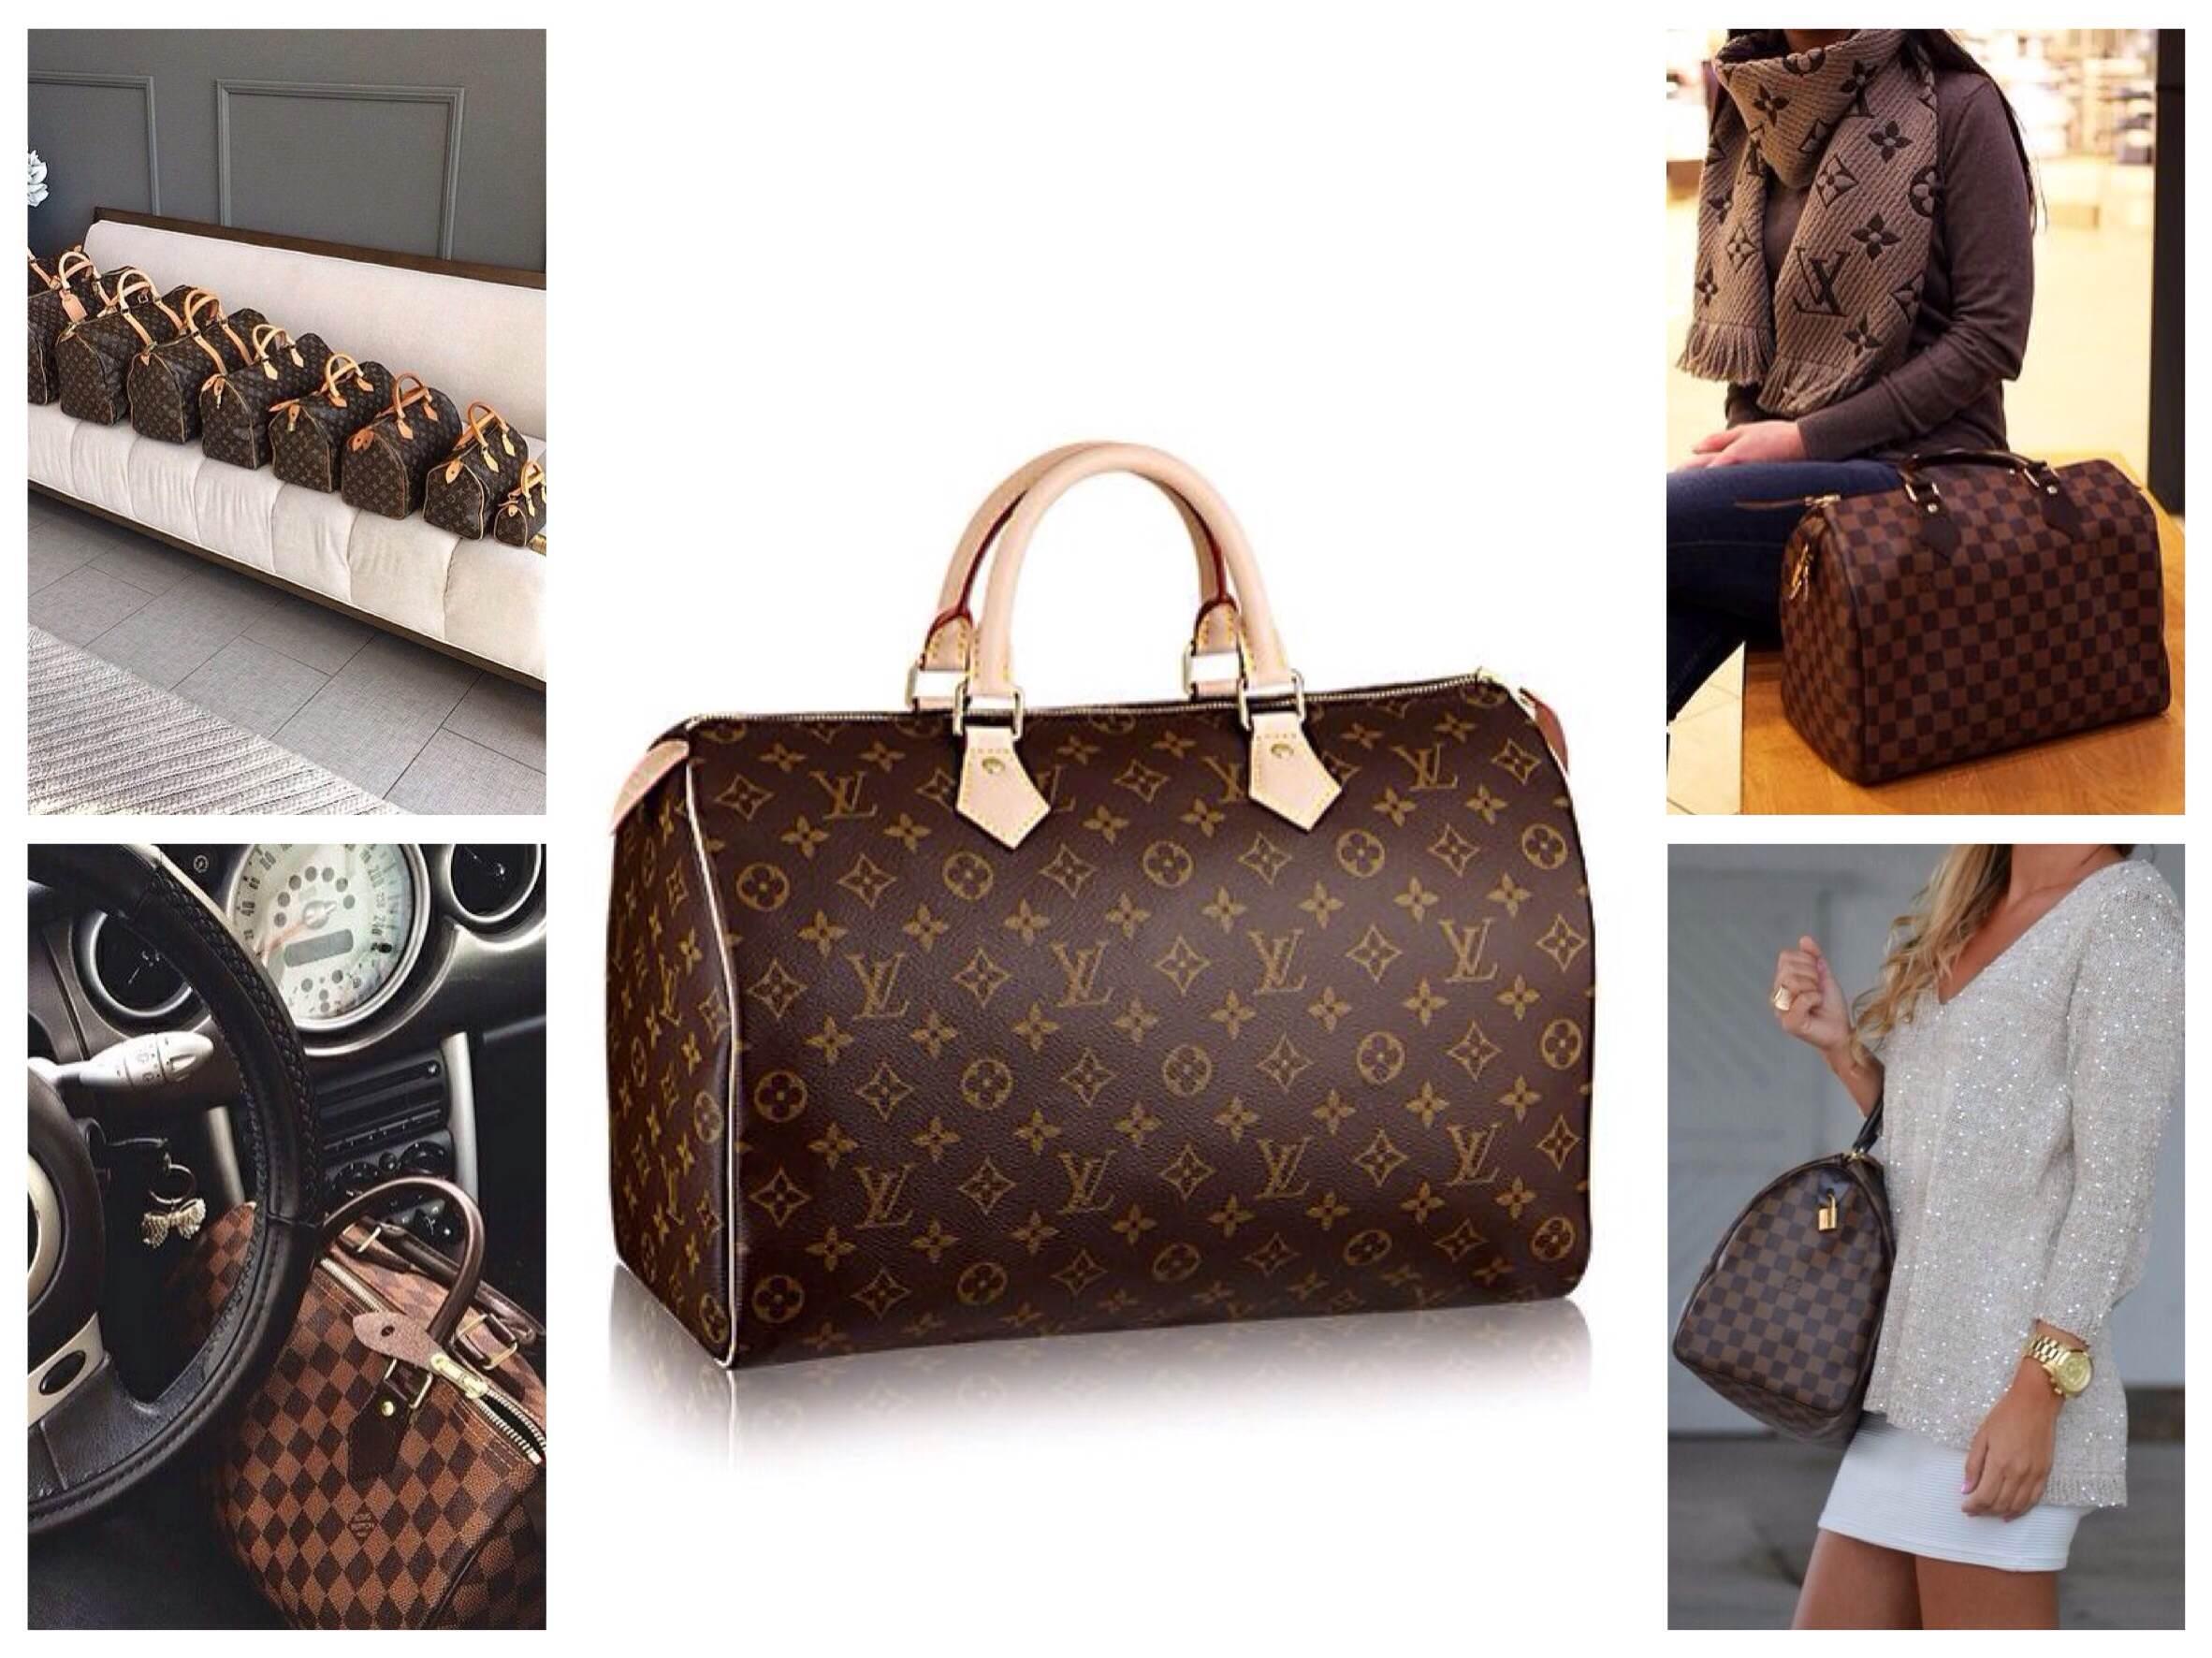 2d968bad30ae Идеальные сумки Louis Vuitton для идеальных дам — GlamLady